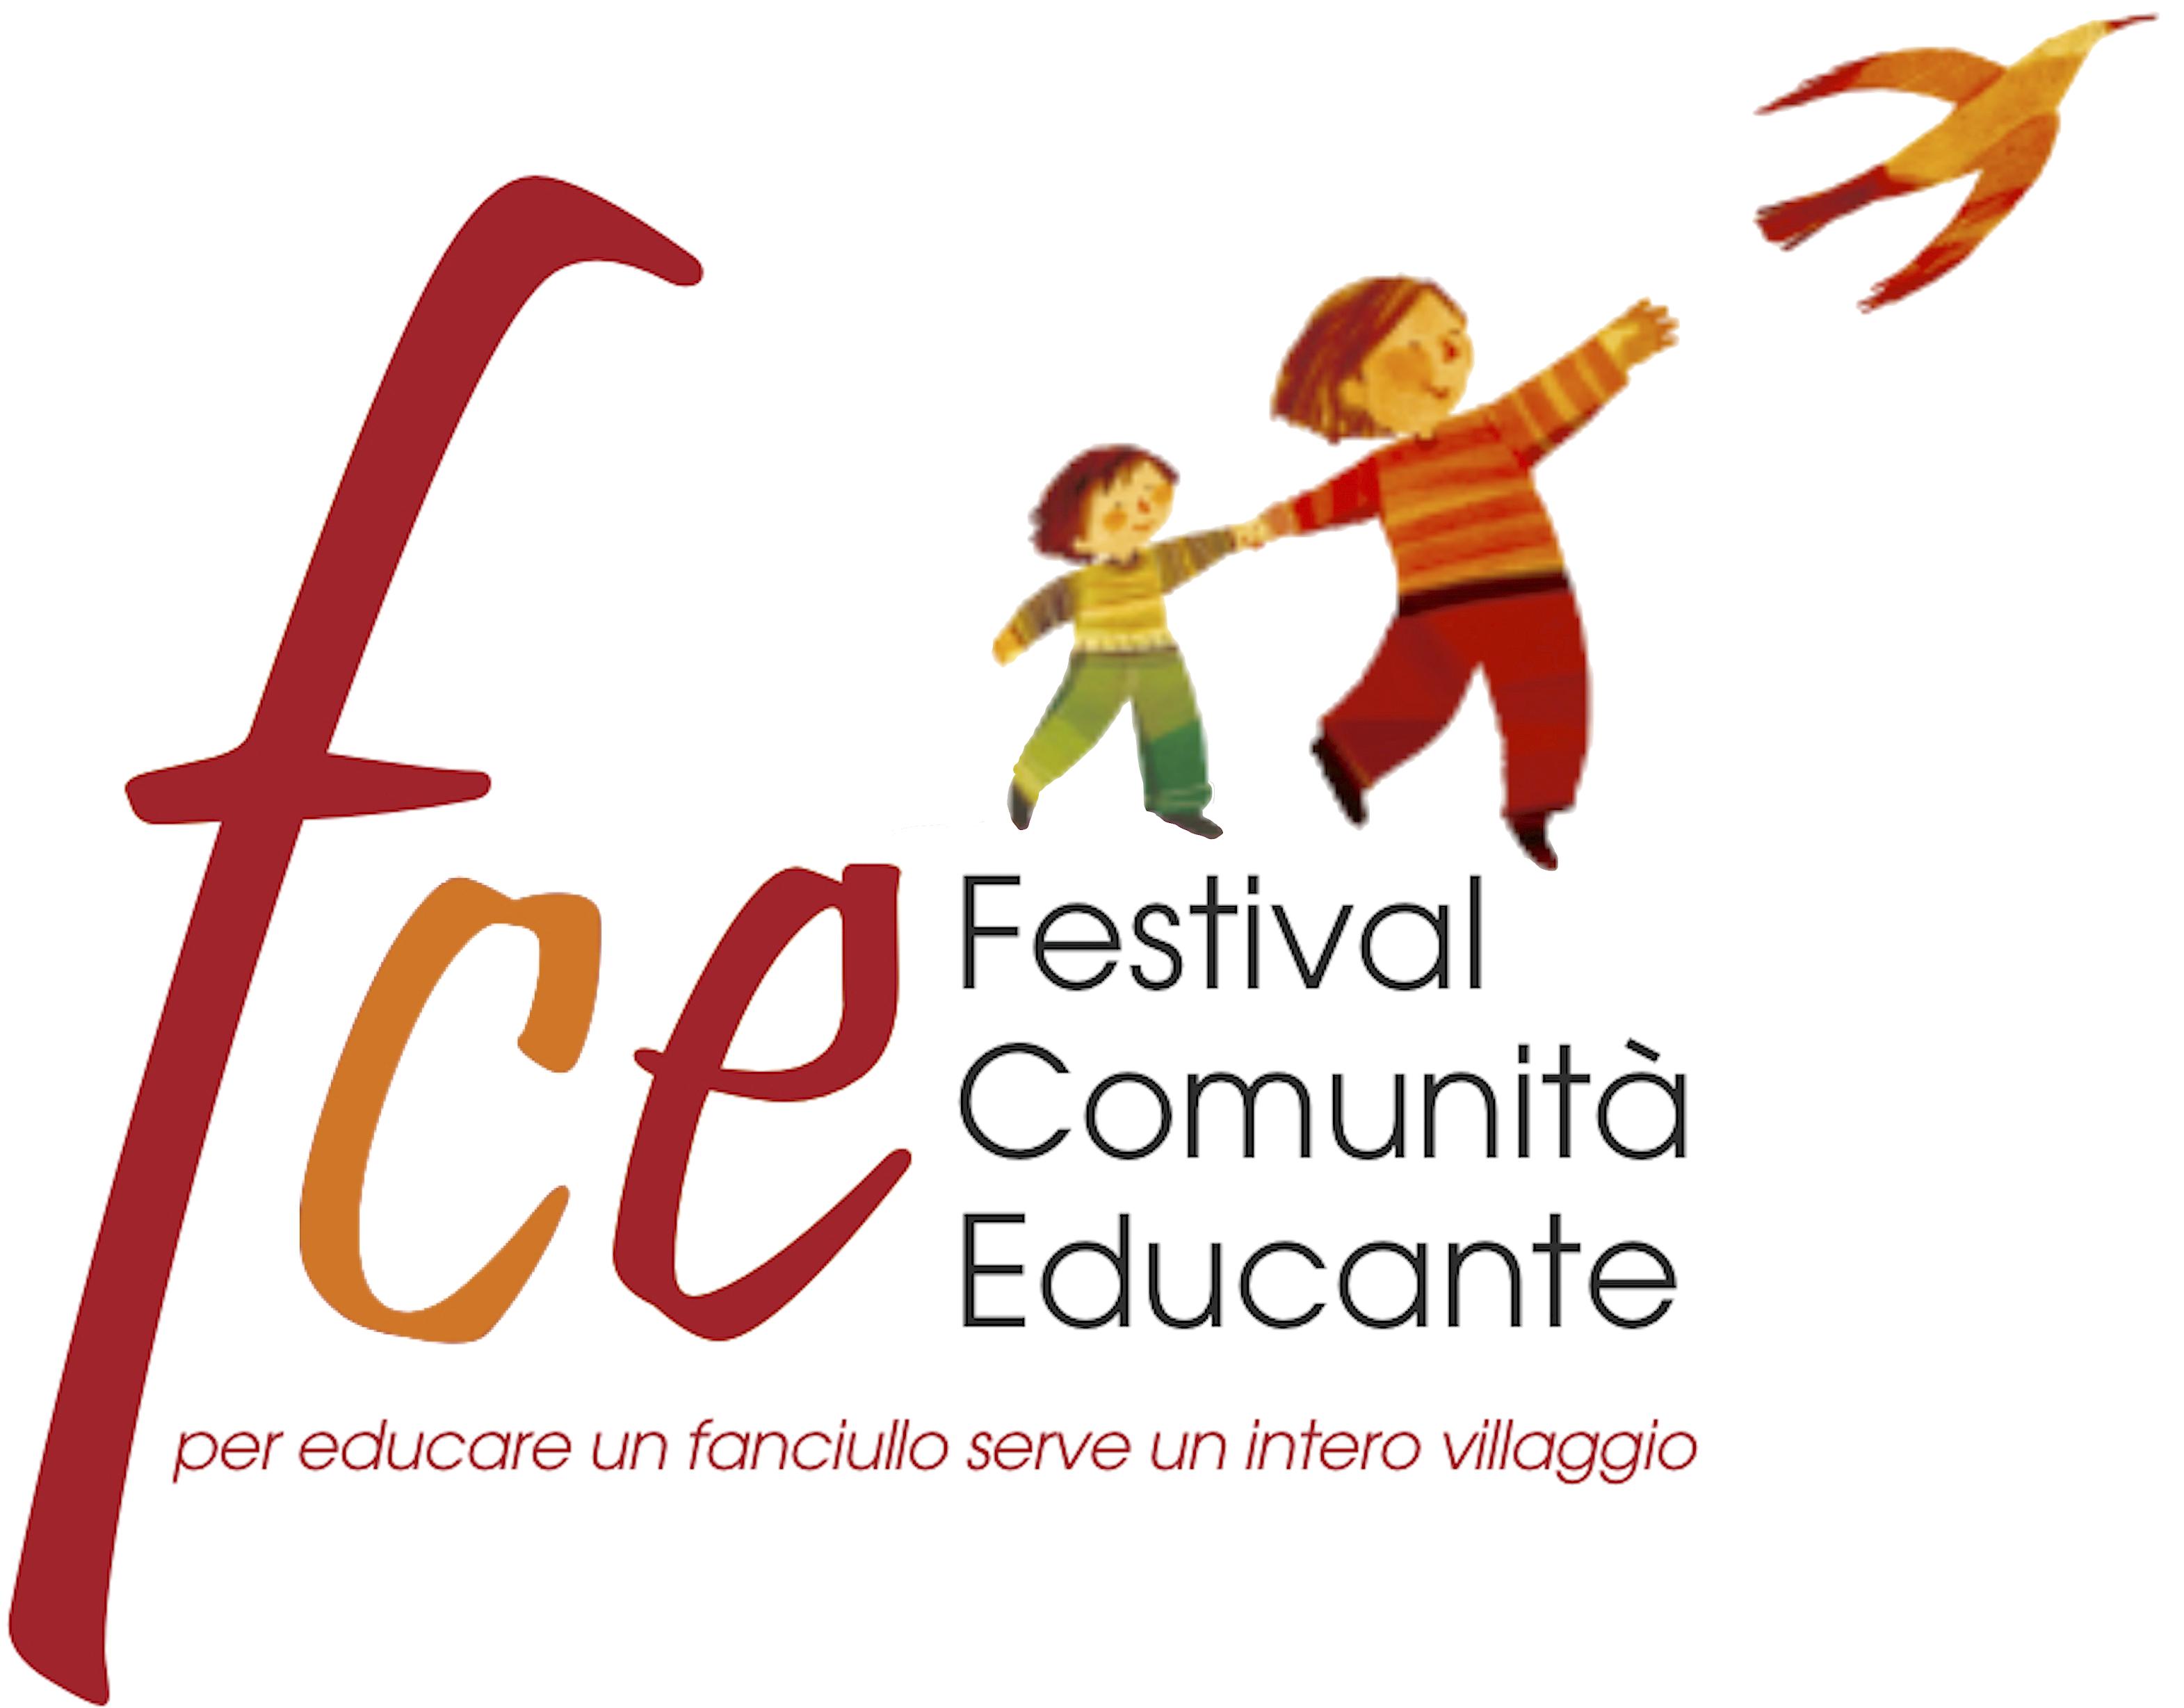 logo-festival-FCE-senza-bordi